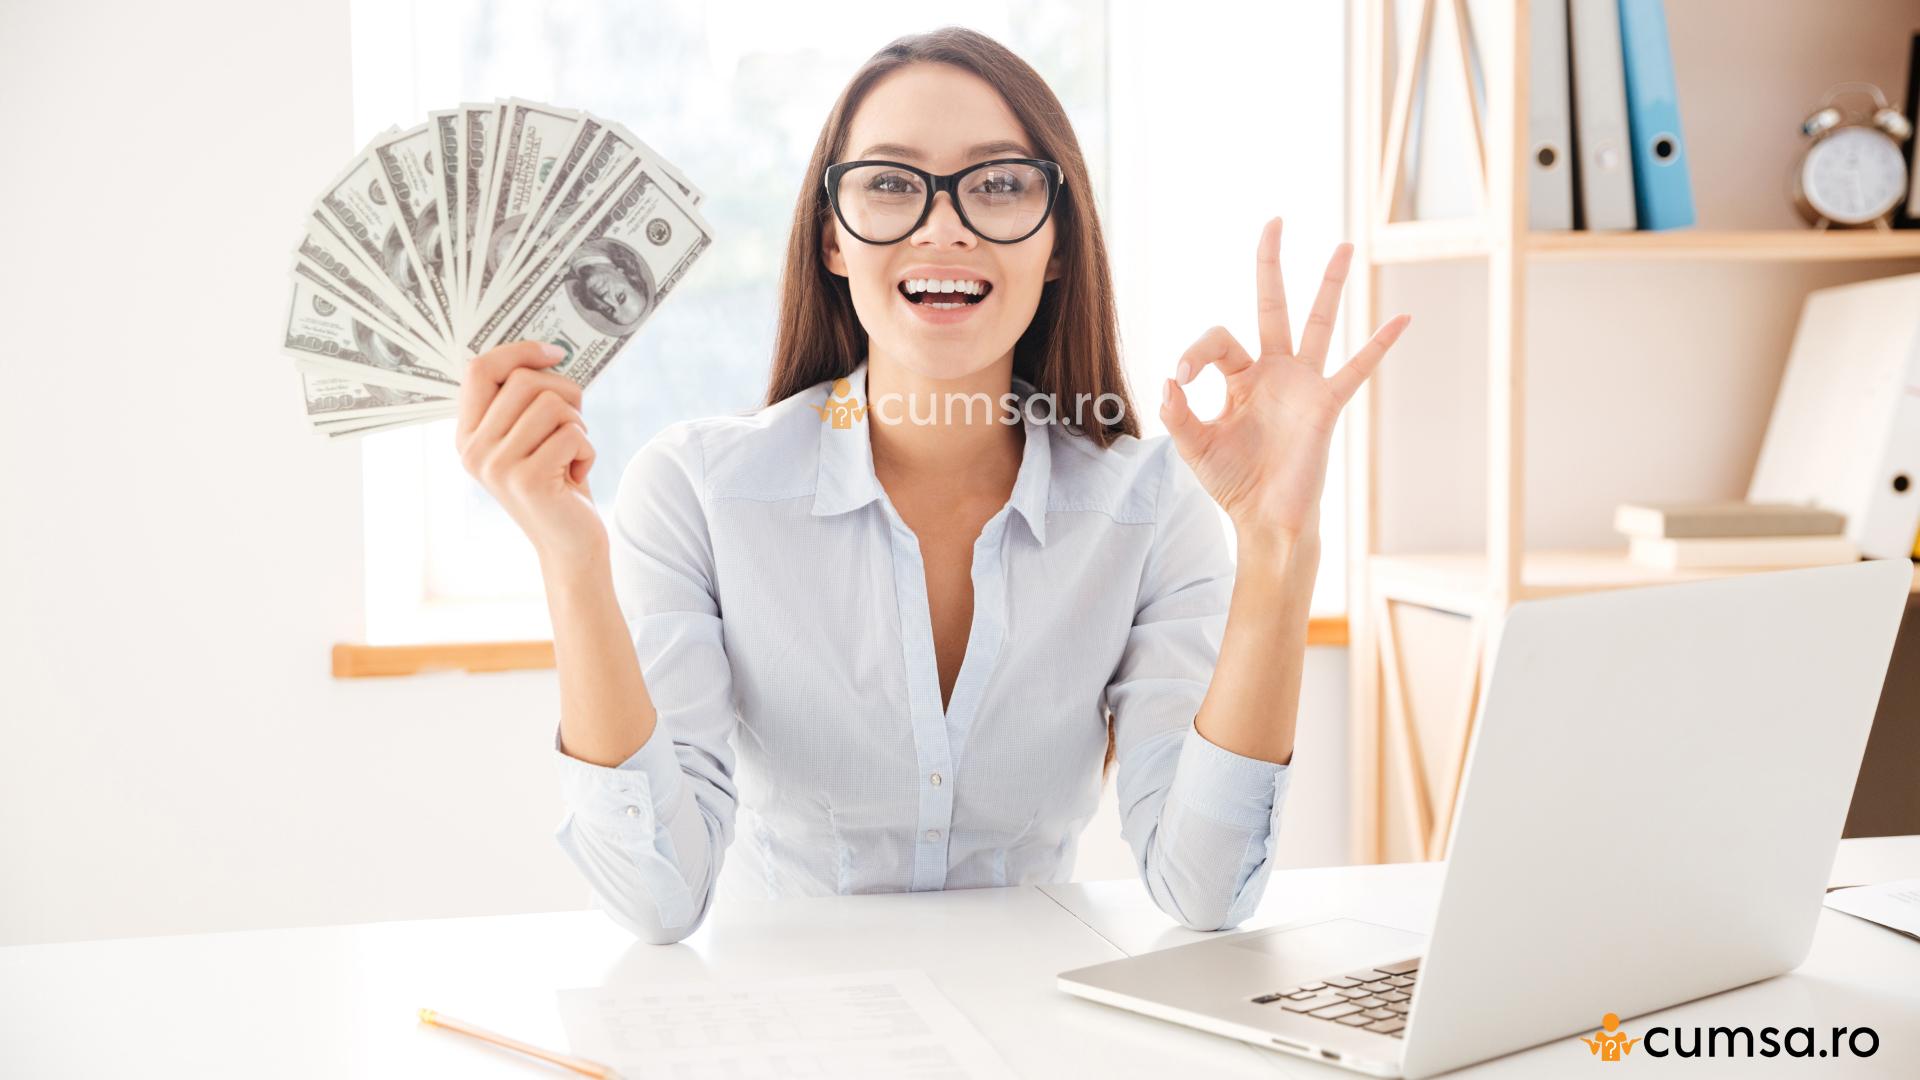 cum să faci bani pentru studenți pe internet)